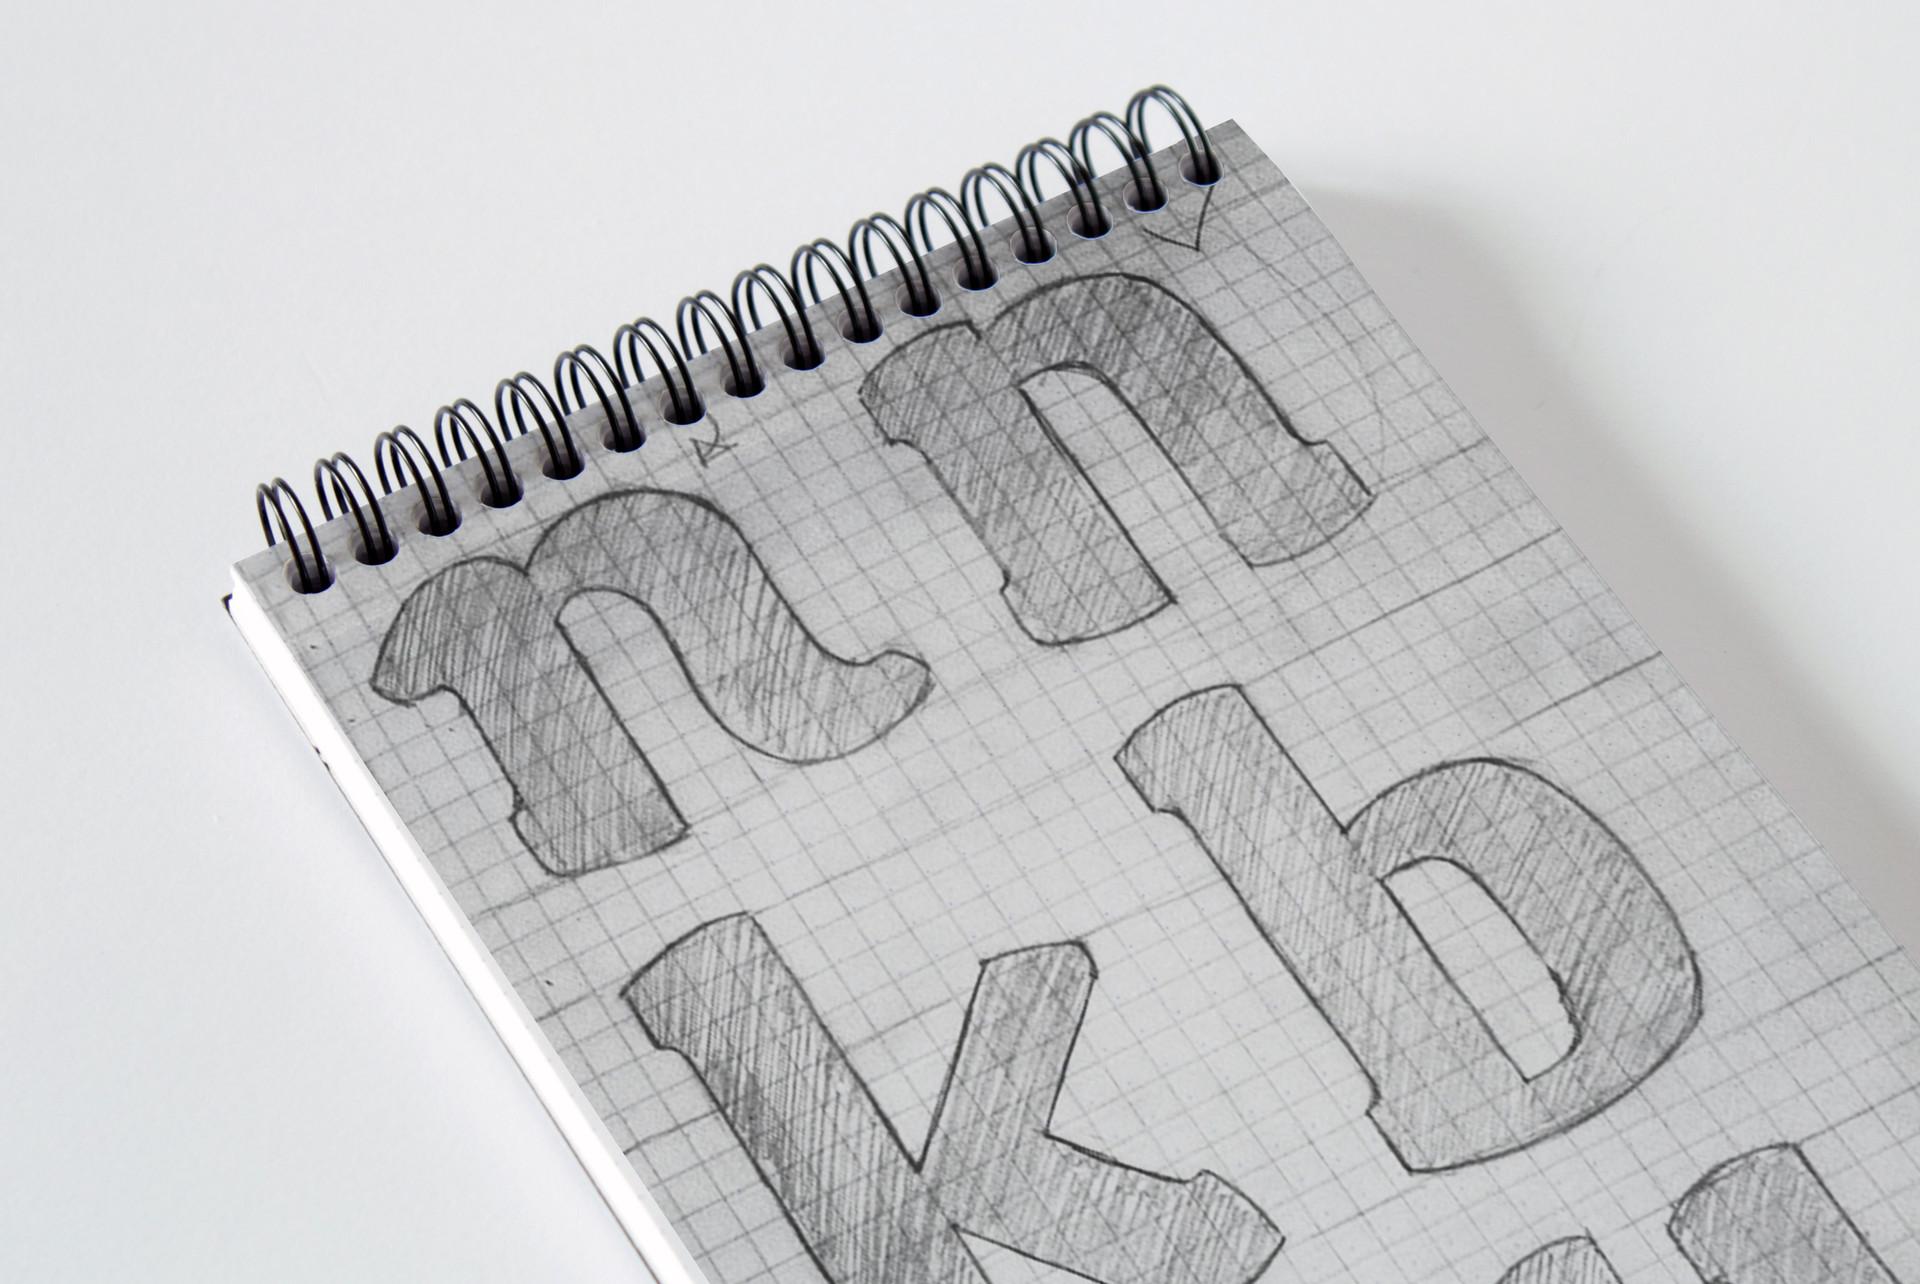 Jabberwocky_sketchbook2.jpg